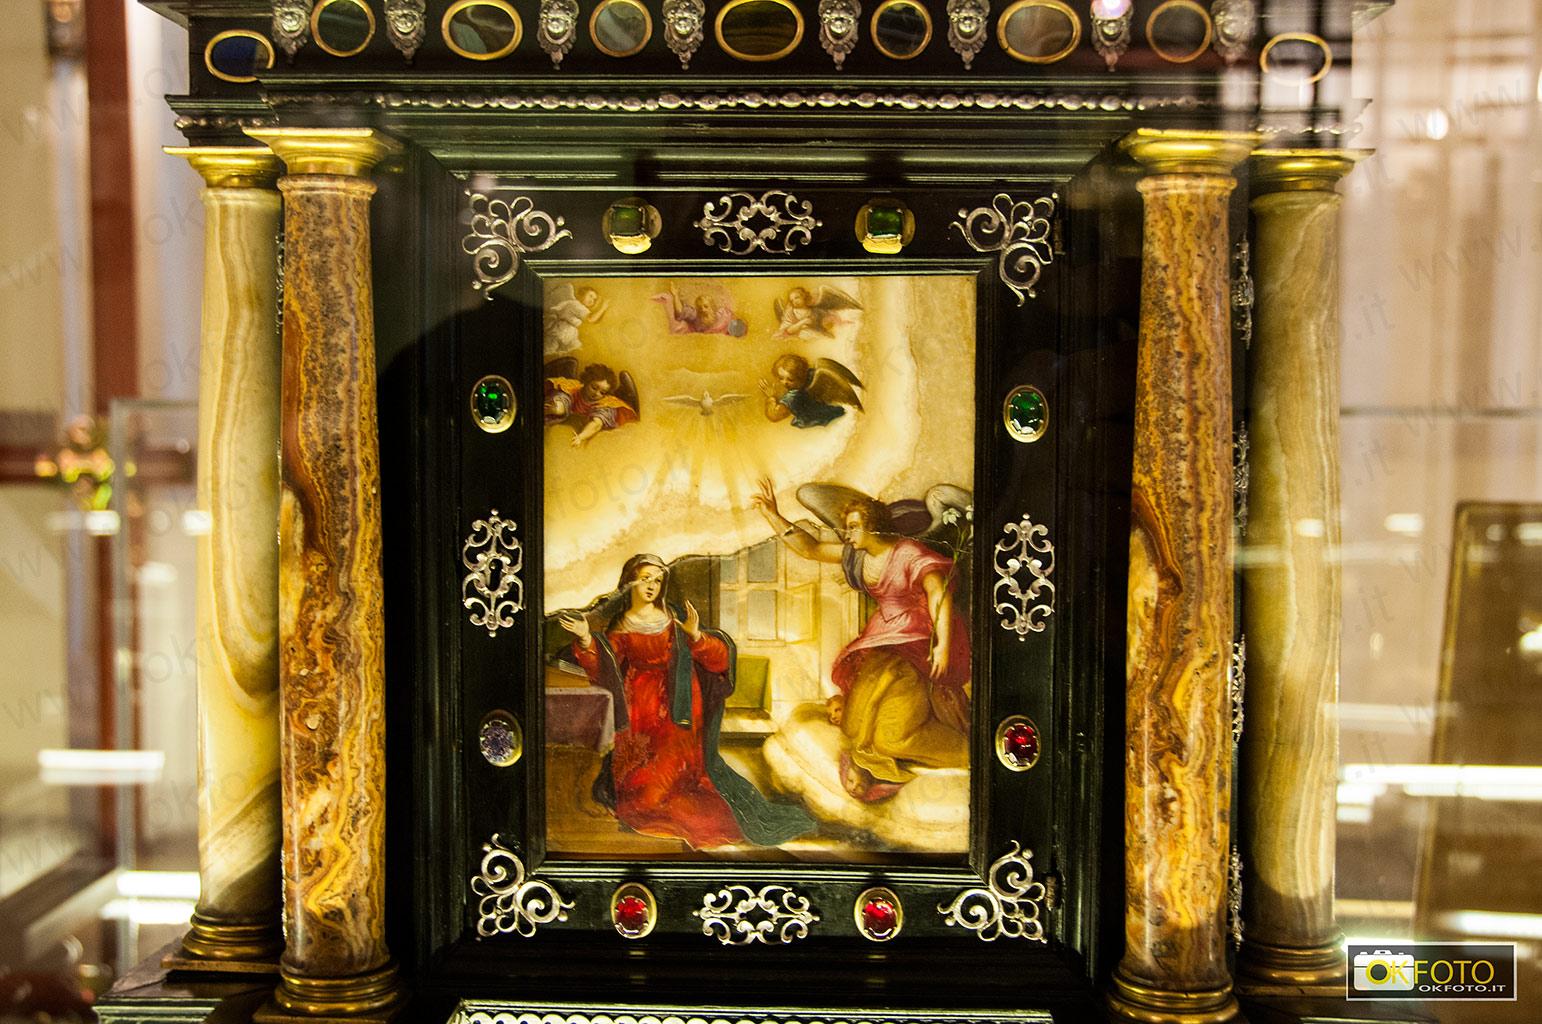 Tesori dal Portogallo in mostra a Palazzo Madama